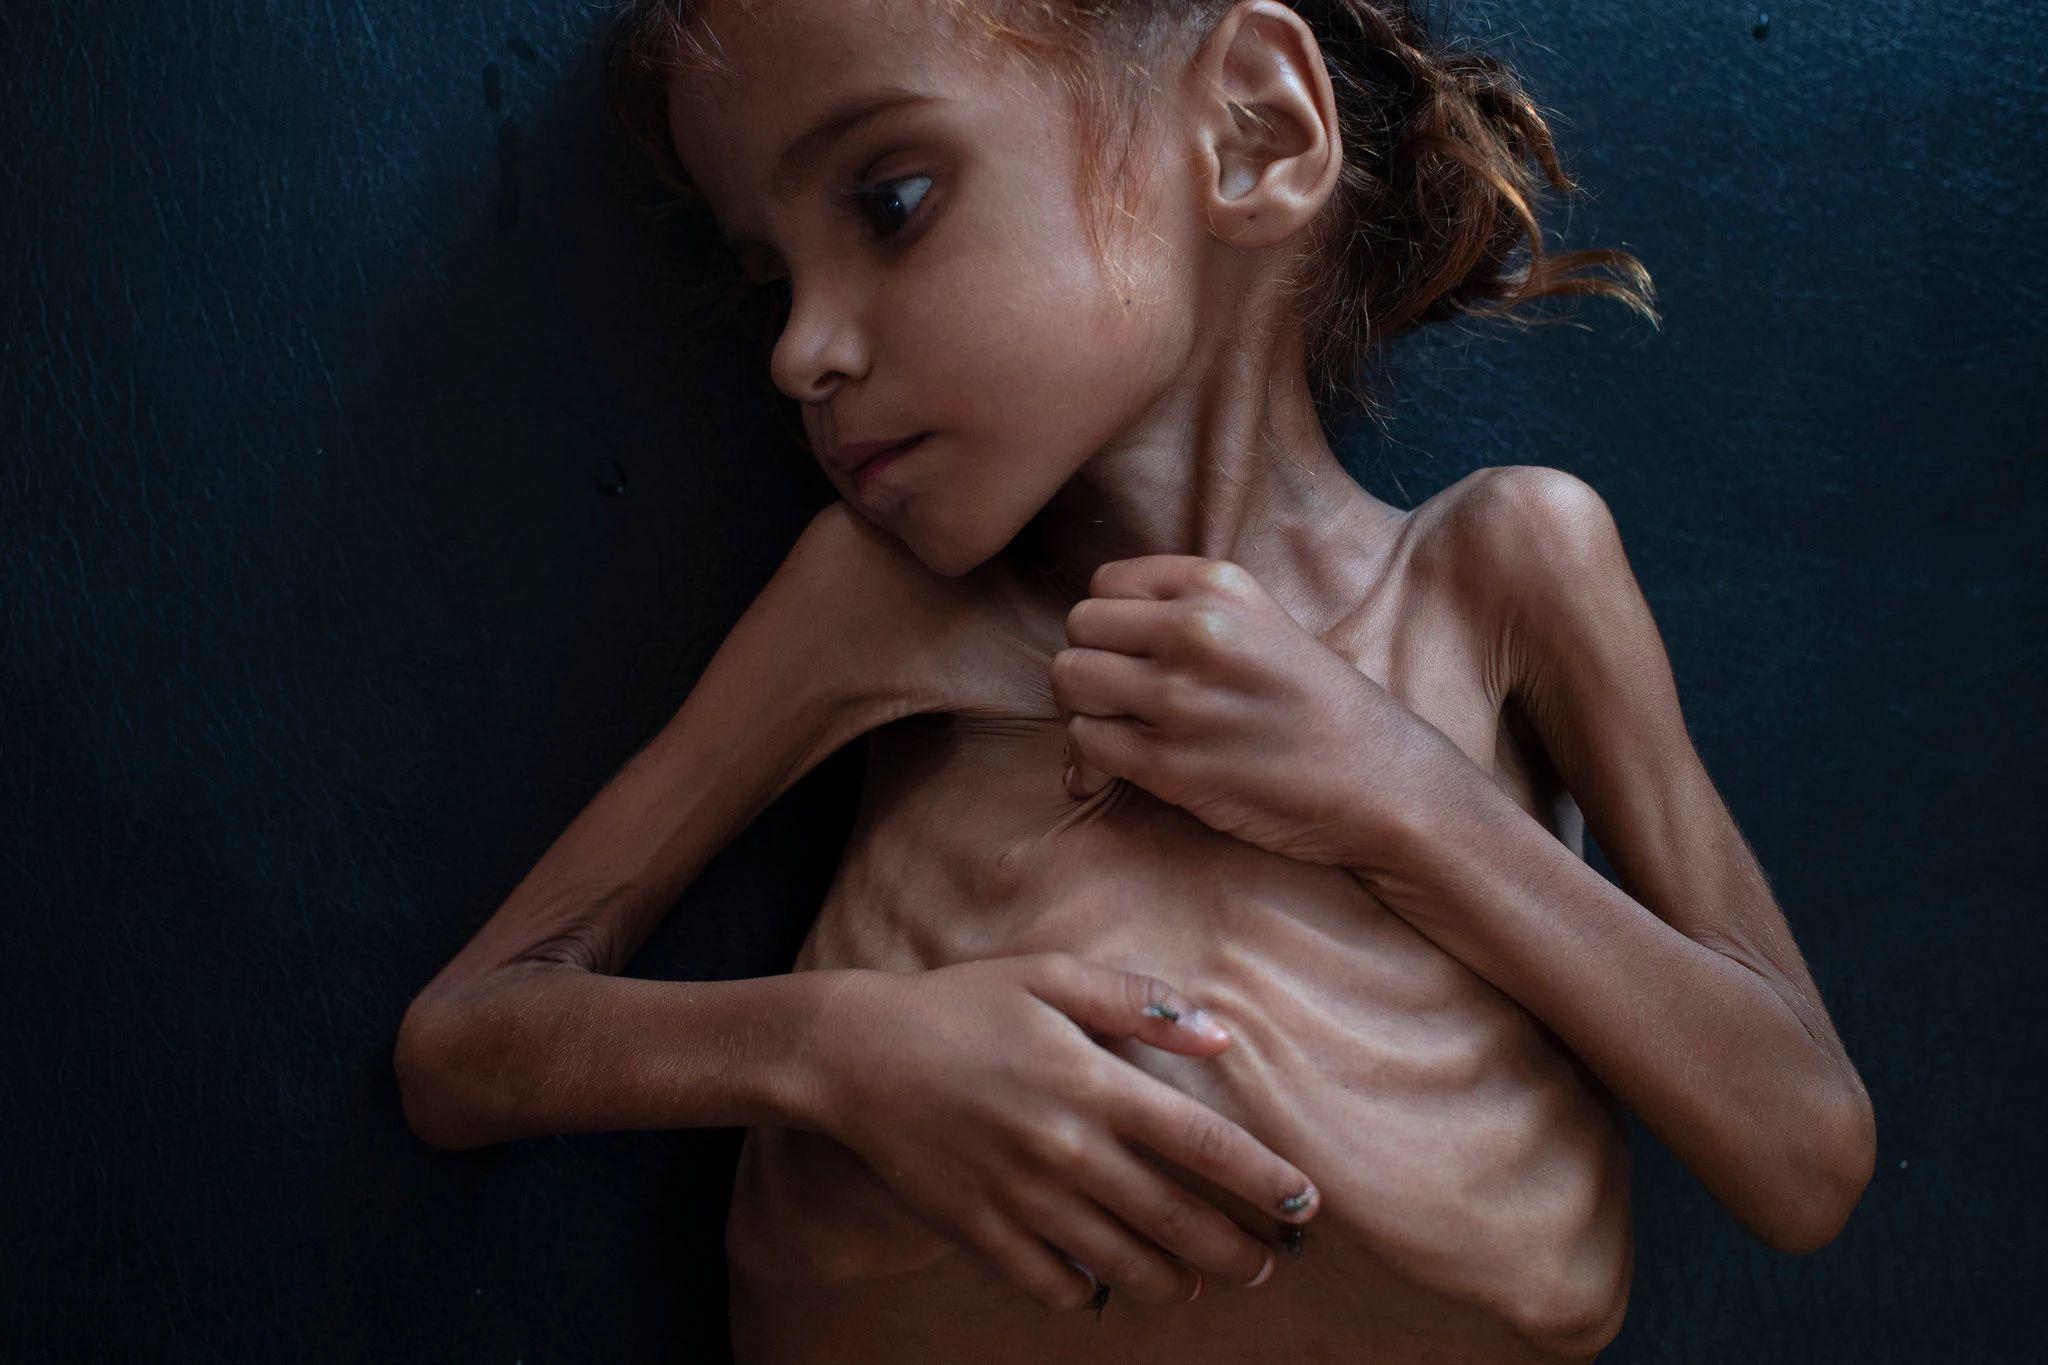 Η 7χρονη Αμάλ Χουσεΐν